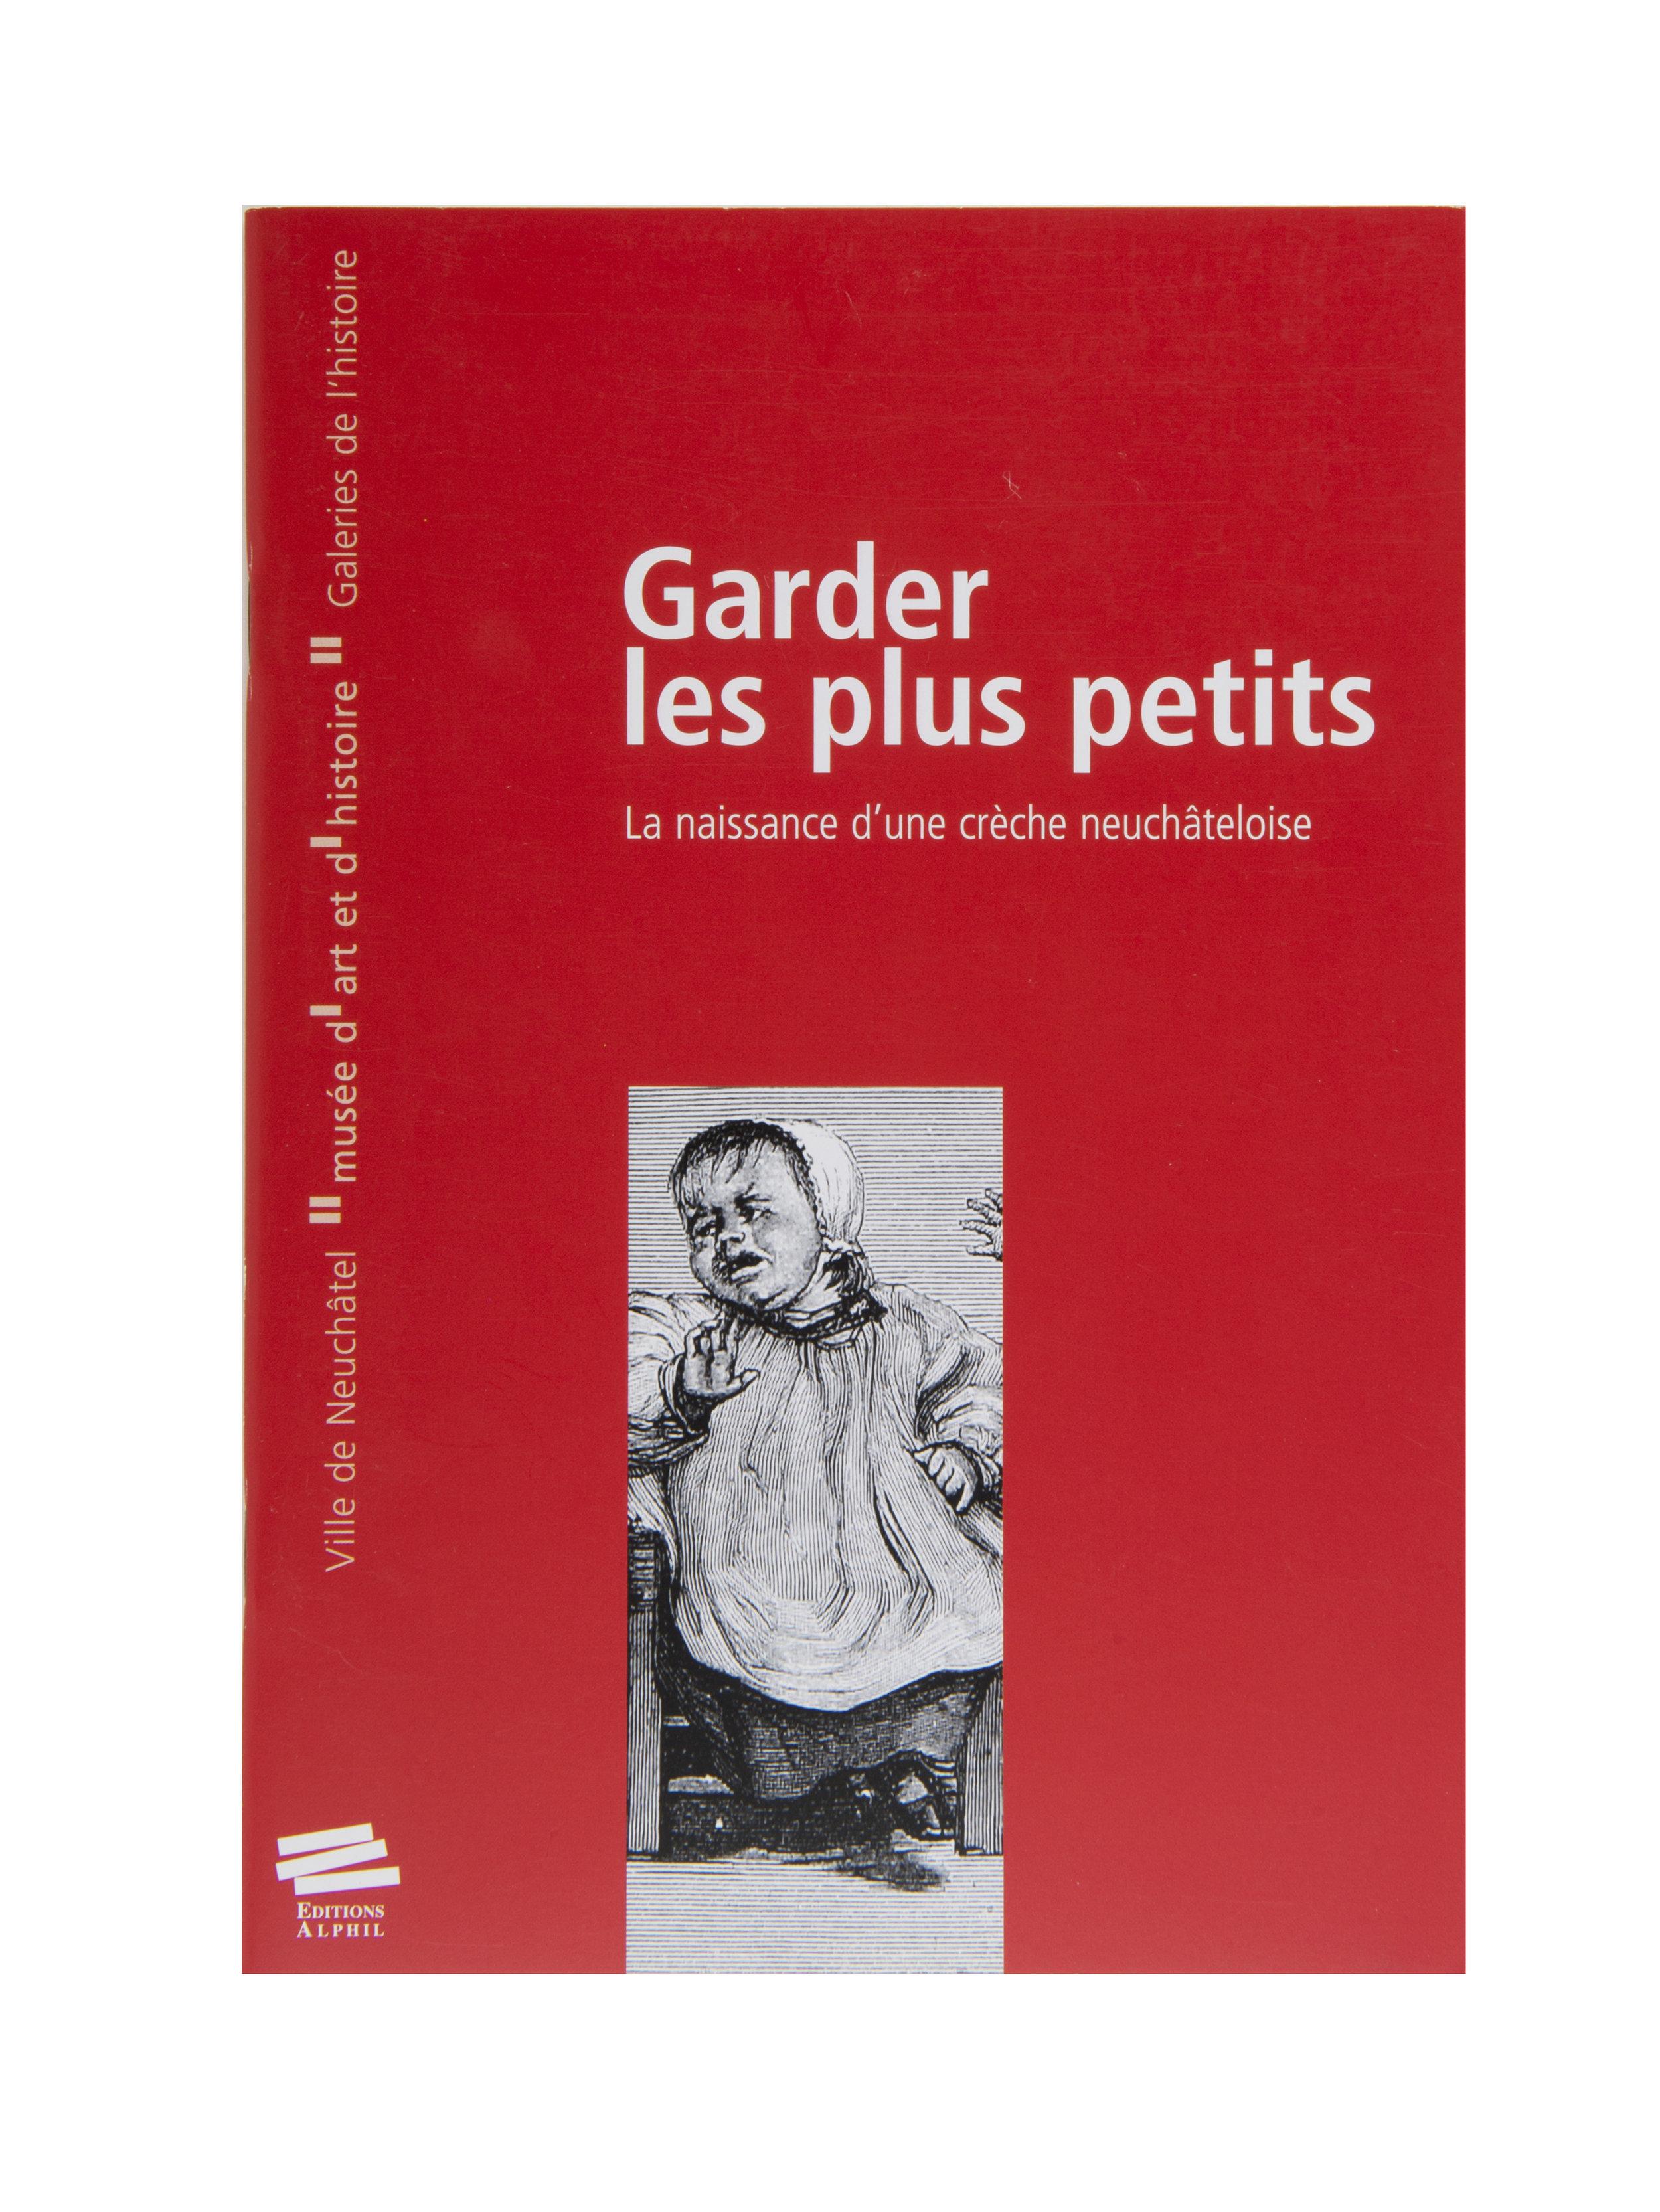 """Brochure éditée à l'occasion de l'exposition """"Garder les plus petits, la naissance d'une crèche neuchâteloise"""""""